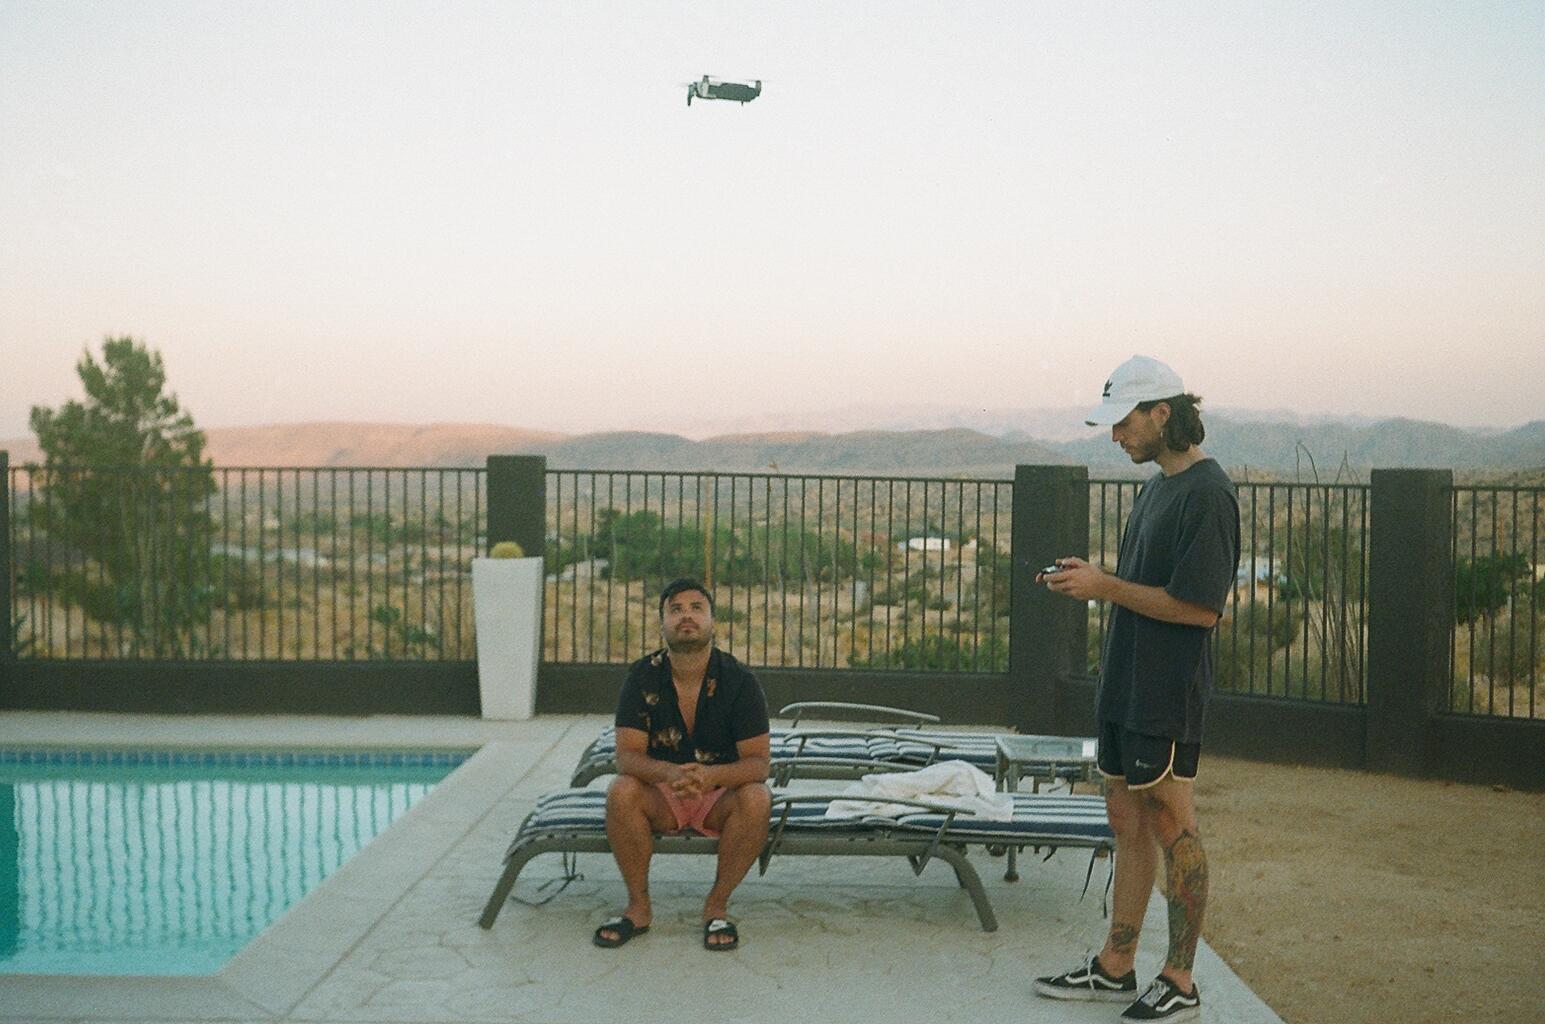 frasertaylor_LA_film-7.jpg